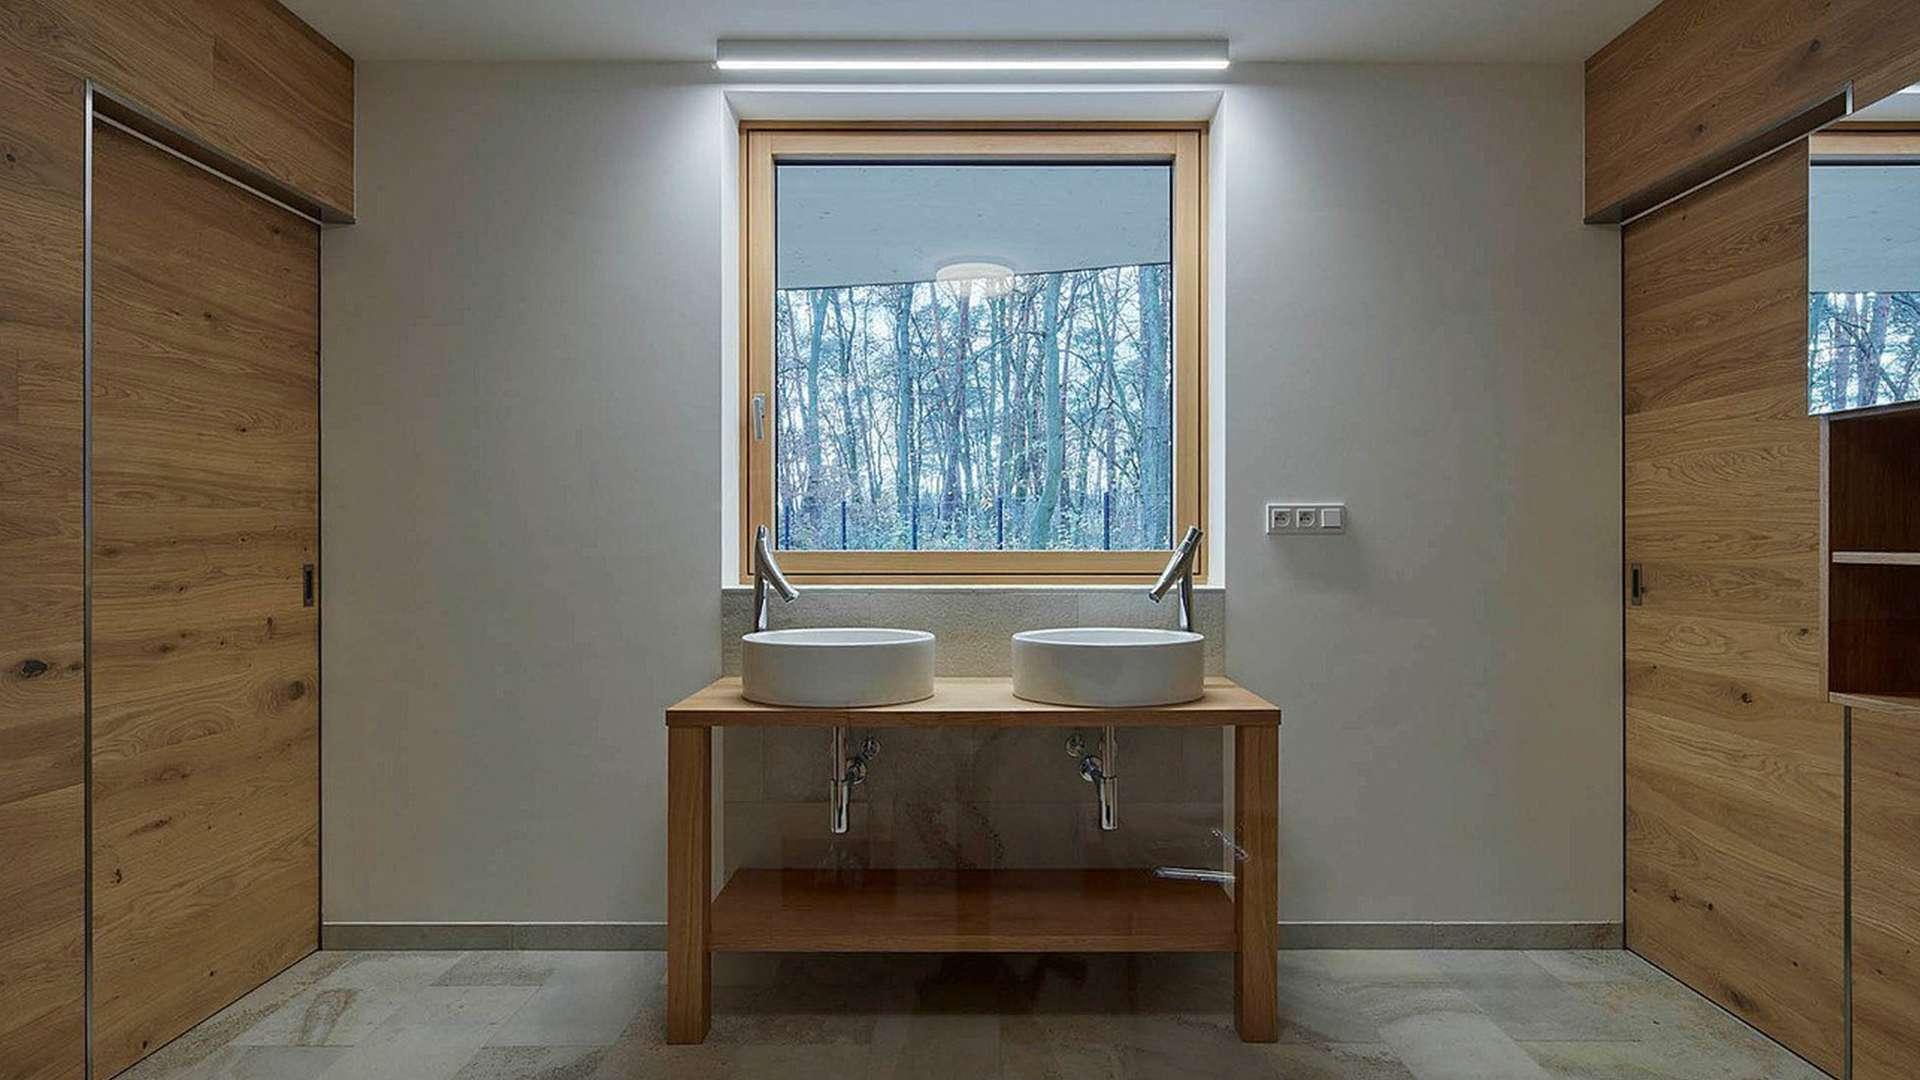 Badzimmer mit Blick auf ein Holzalufenstern mit zwei Waschbecken davor